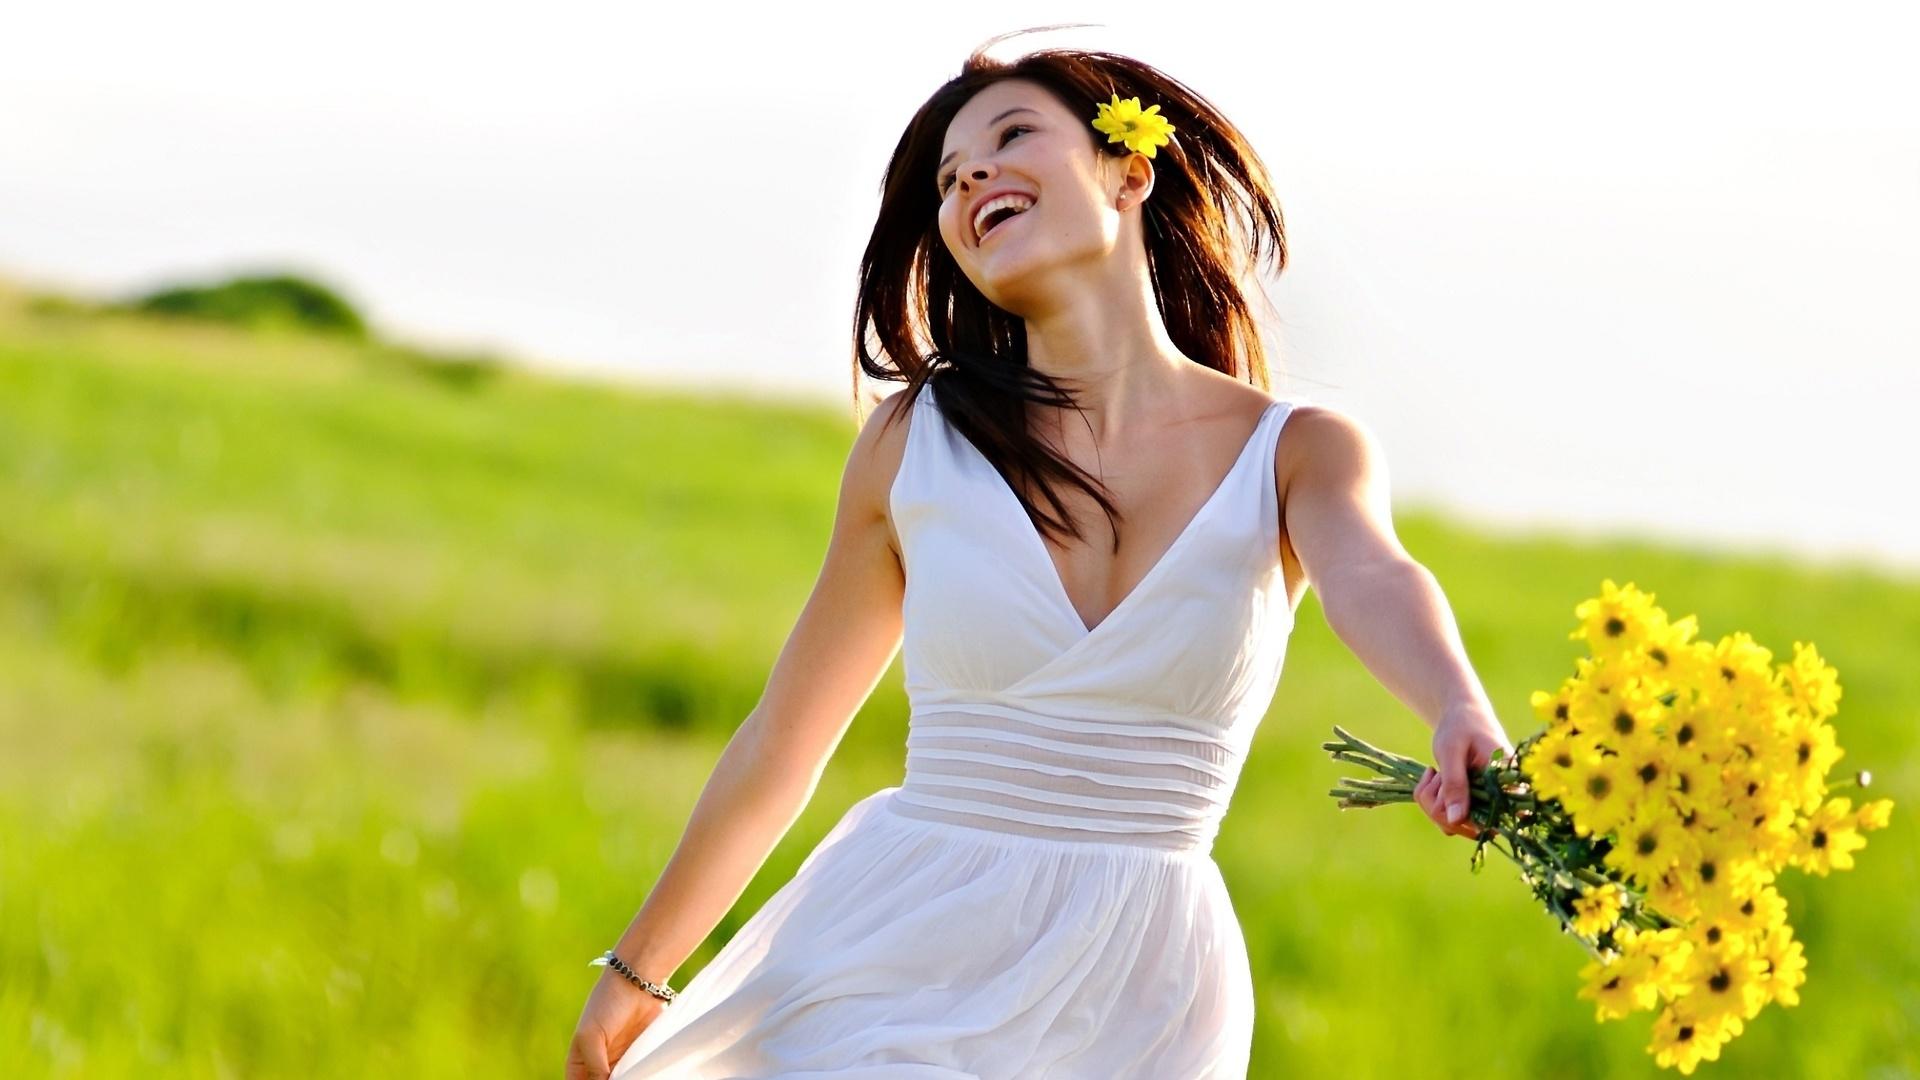 картинка про женское счастье итоге было